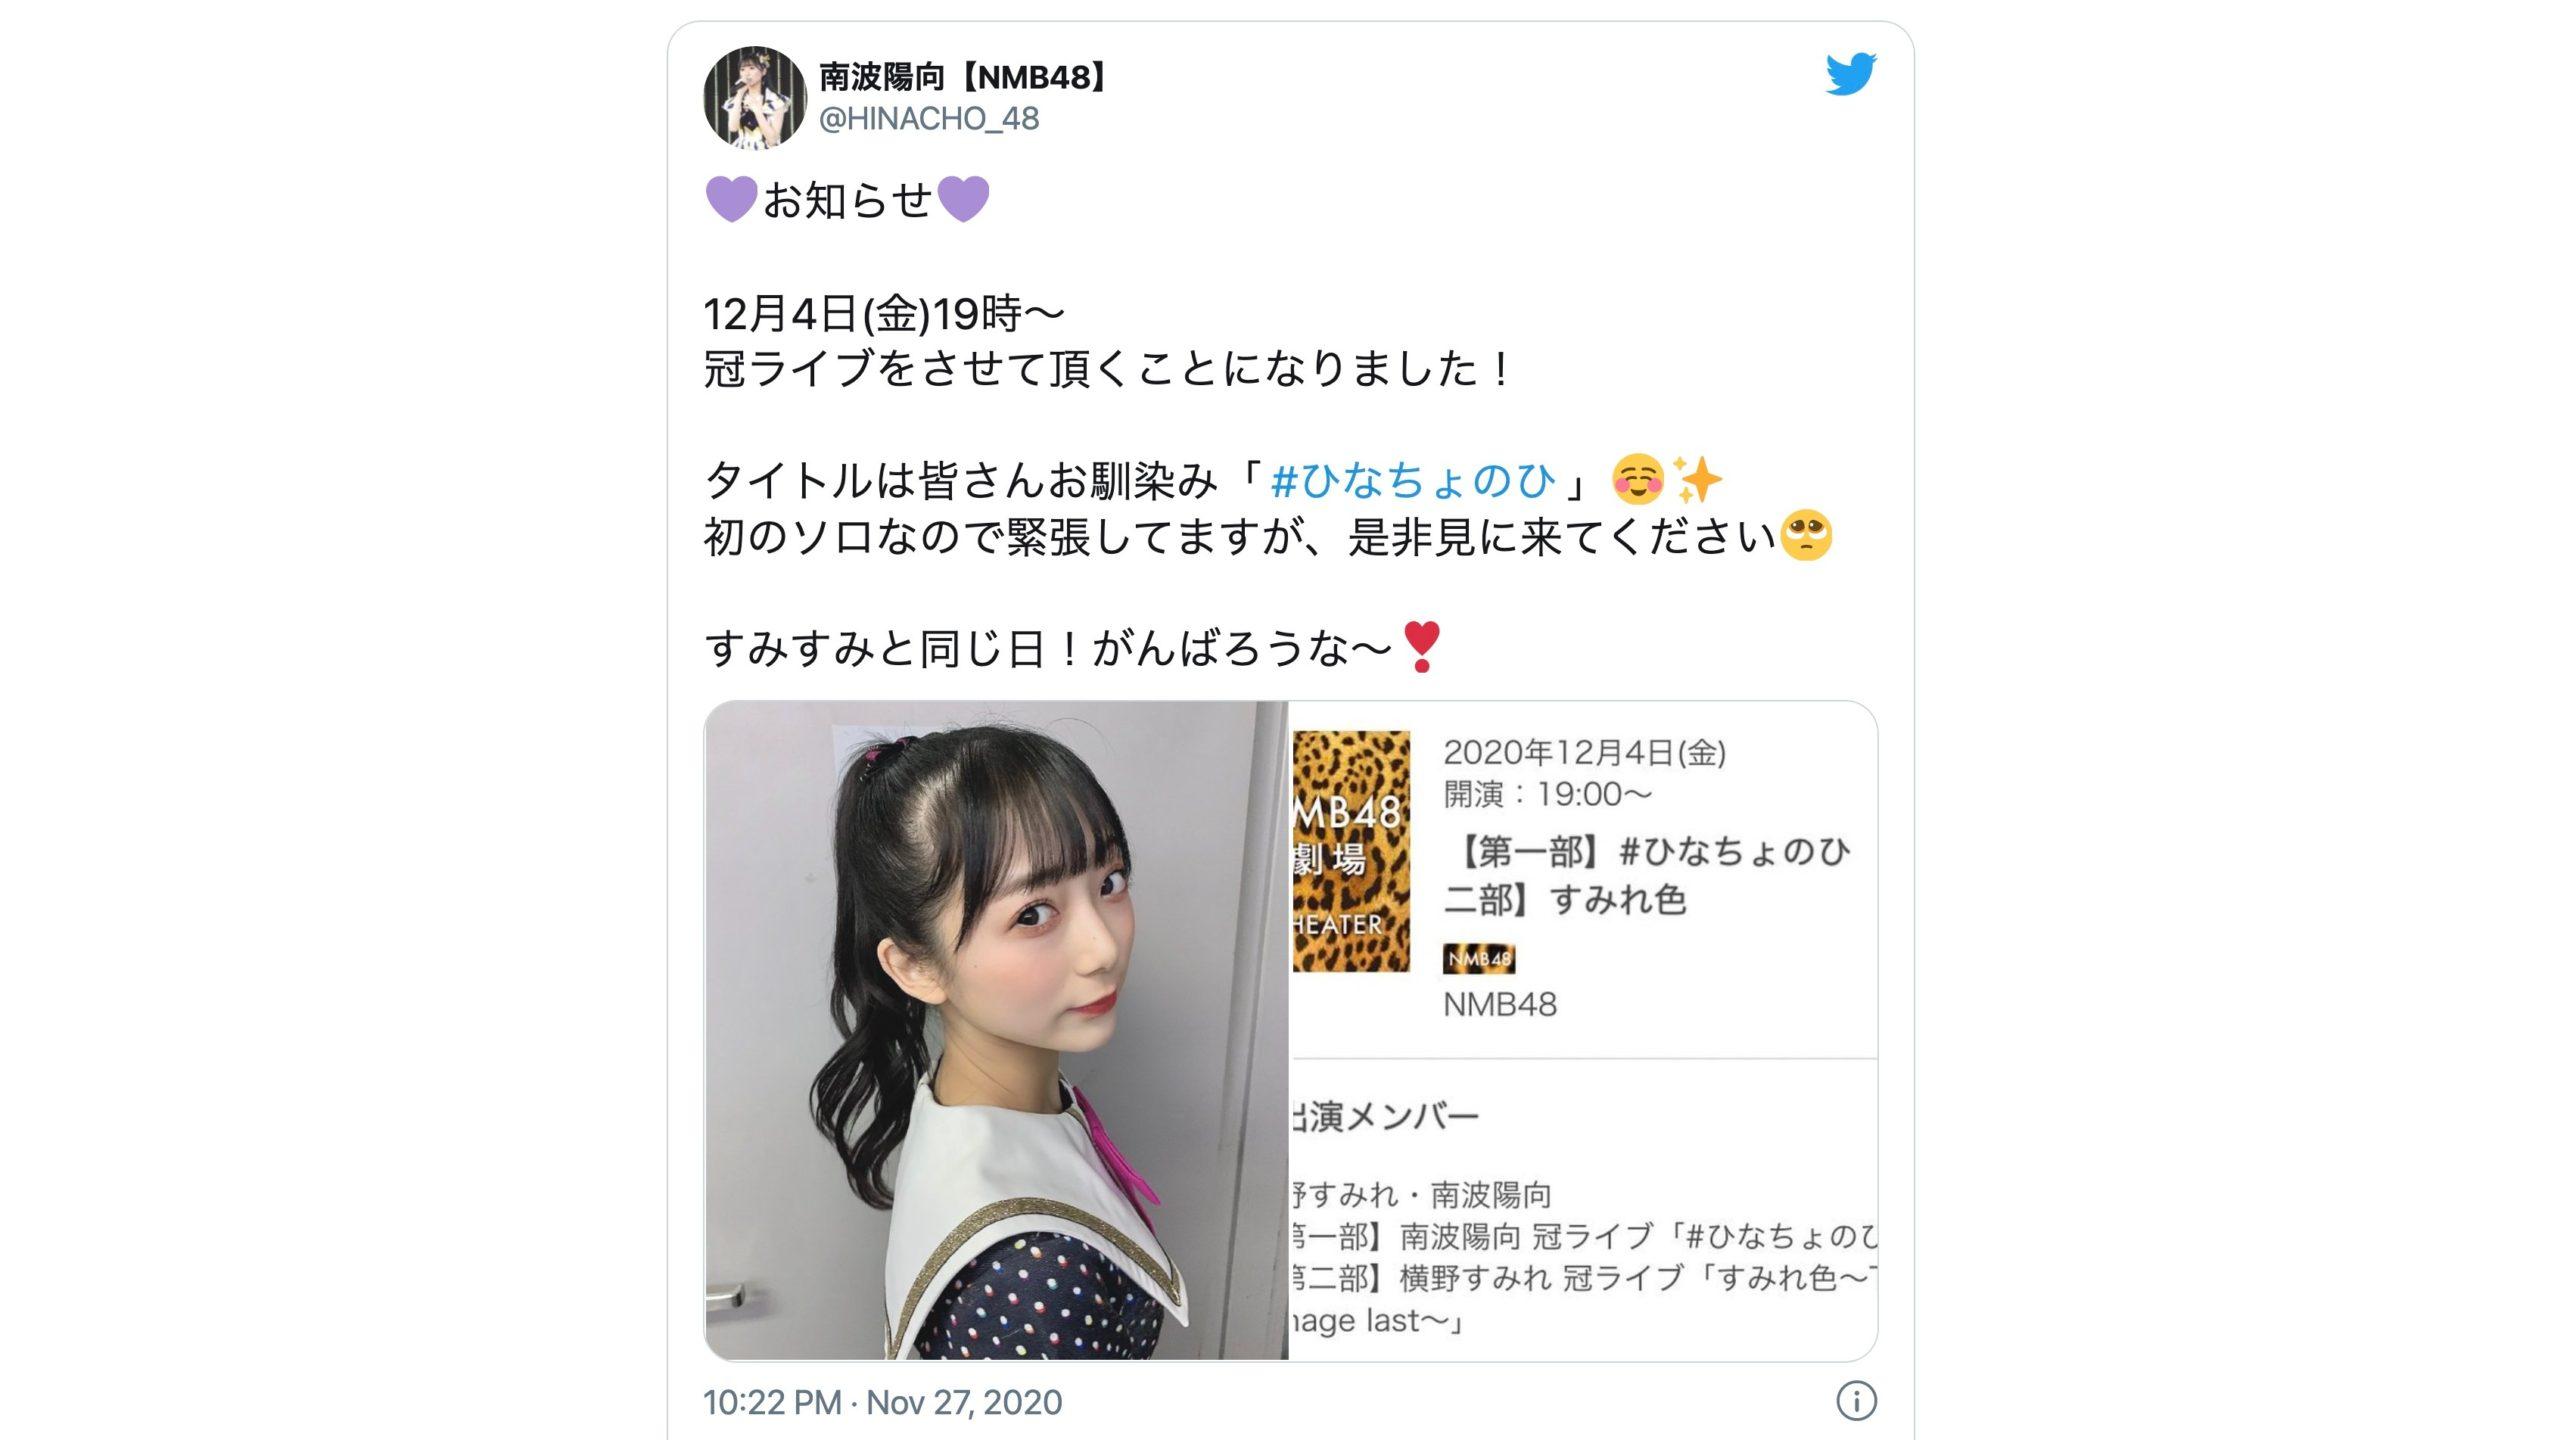 【南波陽向/横野すみれ】12月4日はひなちょ・すーちゃんが1部・2部で冠ライブ